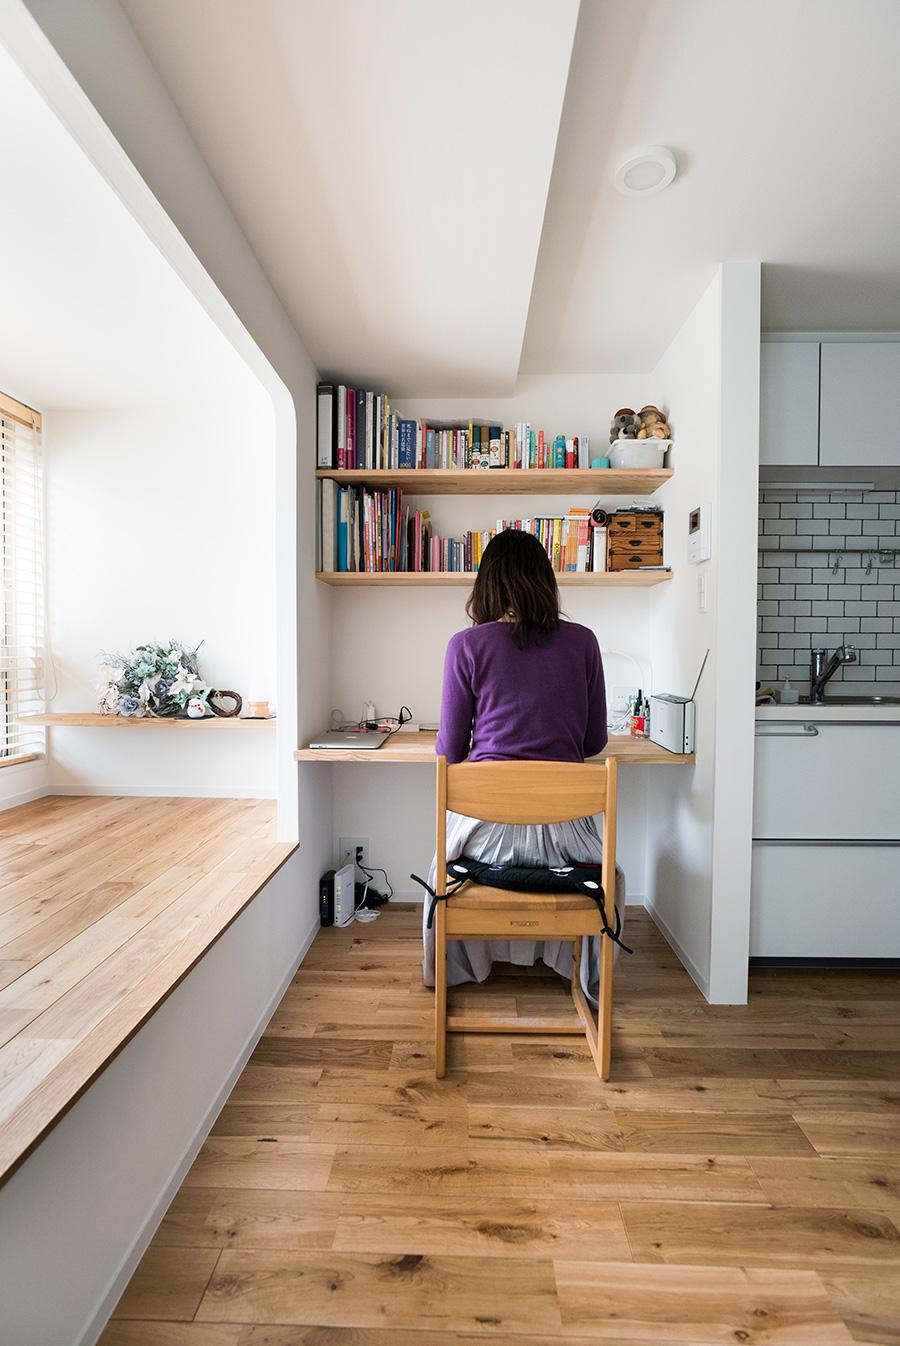 小上がりとキッチンの間にワークスペースを設けた。スペイン語のテキスト、建築の本などを収める棚も造作で。